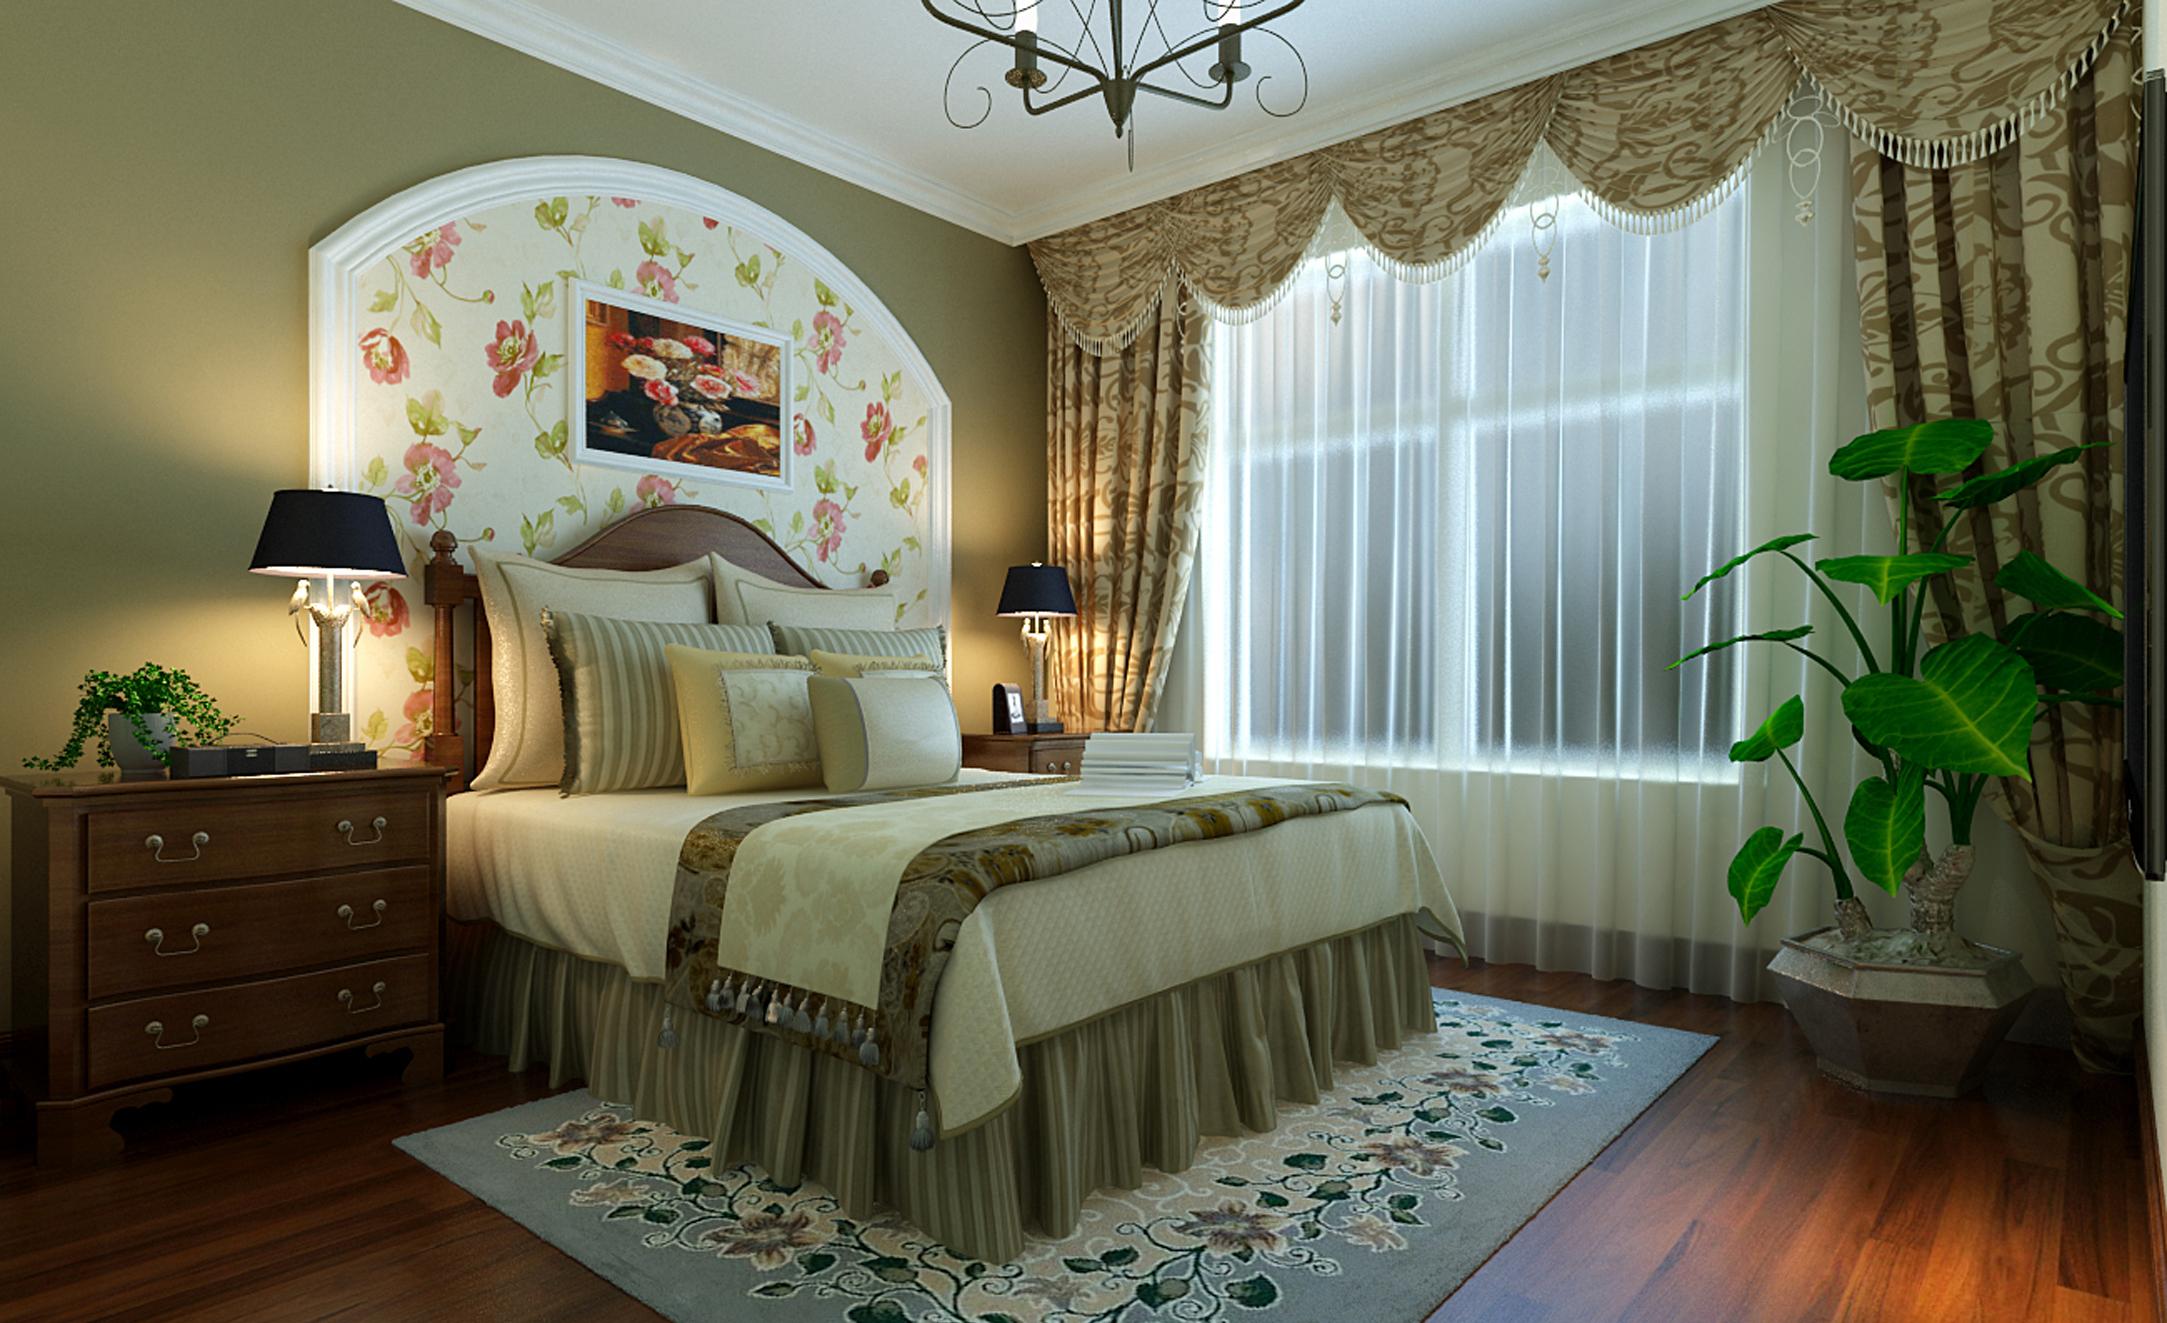 简约 欧式 三居 白领 收纳 80后 小资 美式乡村 浪漫温馨 卧室图片来自北京实创装饰石头在龙湖香醍溪岸美式乡村的分享